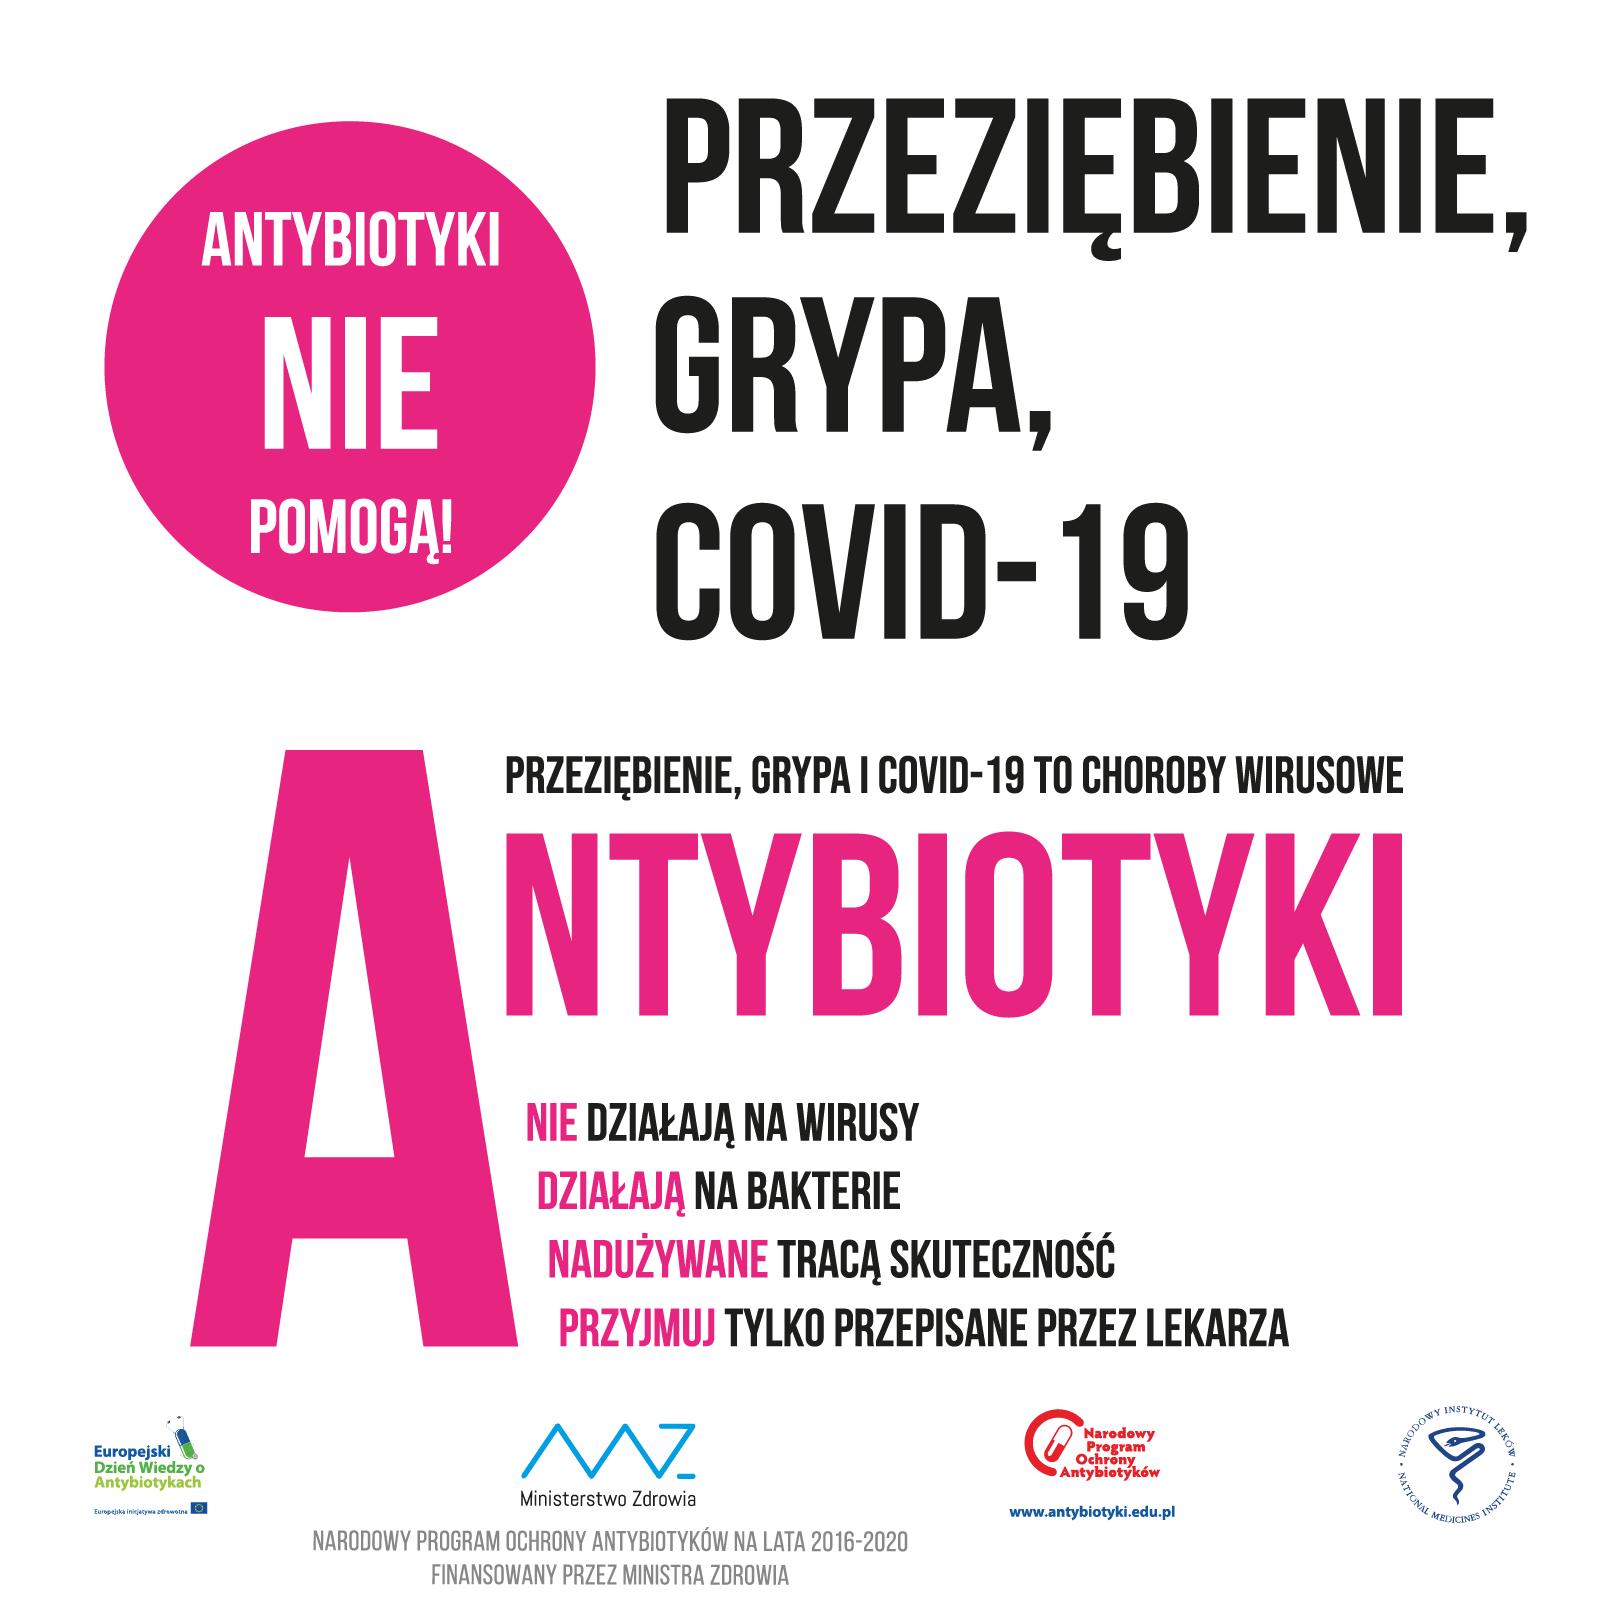 Antybiotyki nie pomogą z CoV 2a Antybiotyki nie zwalczą koronawirusa   przyjmuj tylko te zalecone przez lekarza